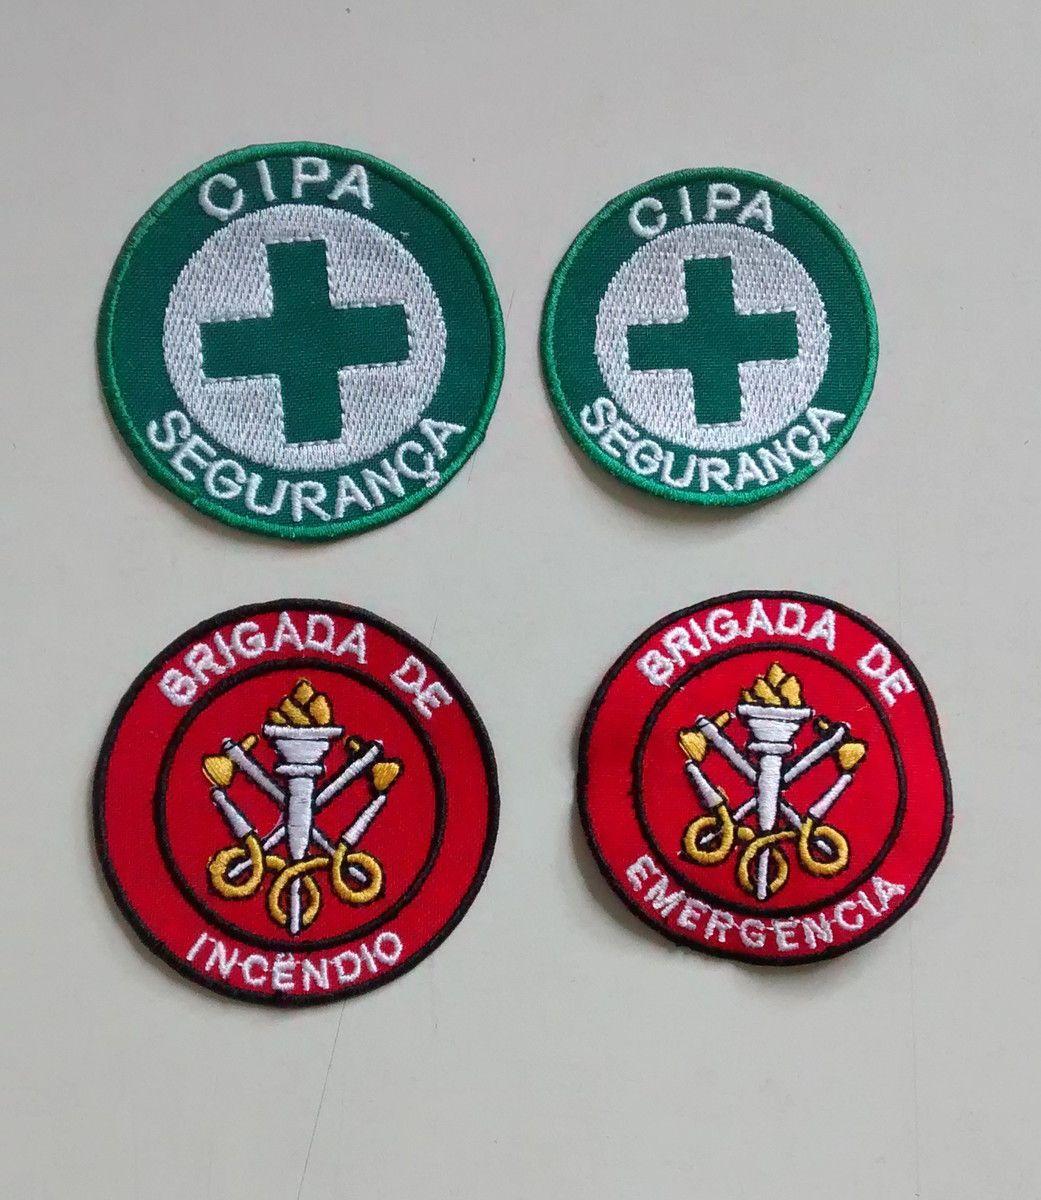 Patch bordado termocolante, Brigada de Incêndio ou CIPA, 7cm  - CONEXÃO EPI´S E UNIFORMES PROFISSIONAIS